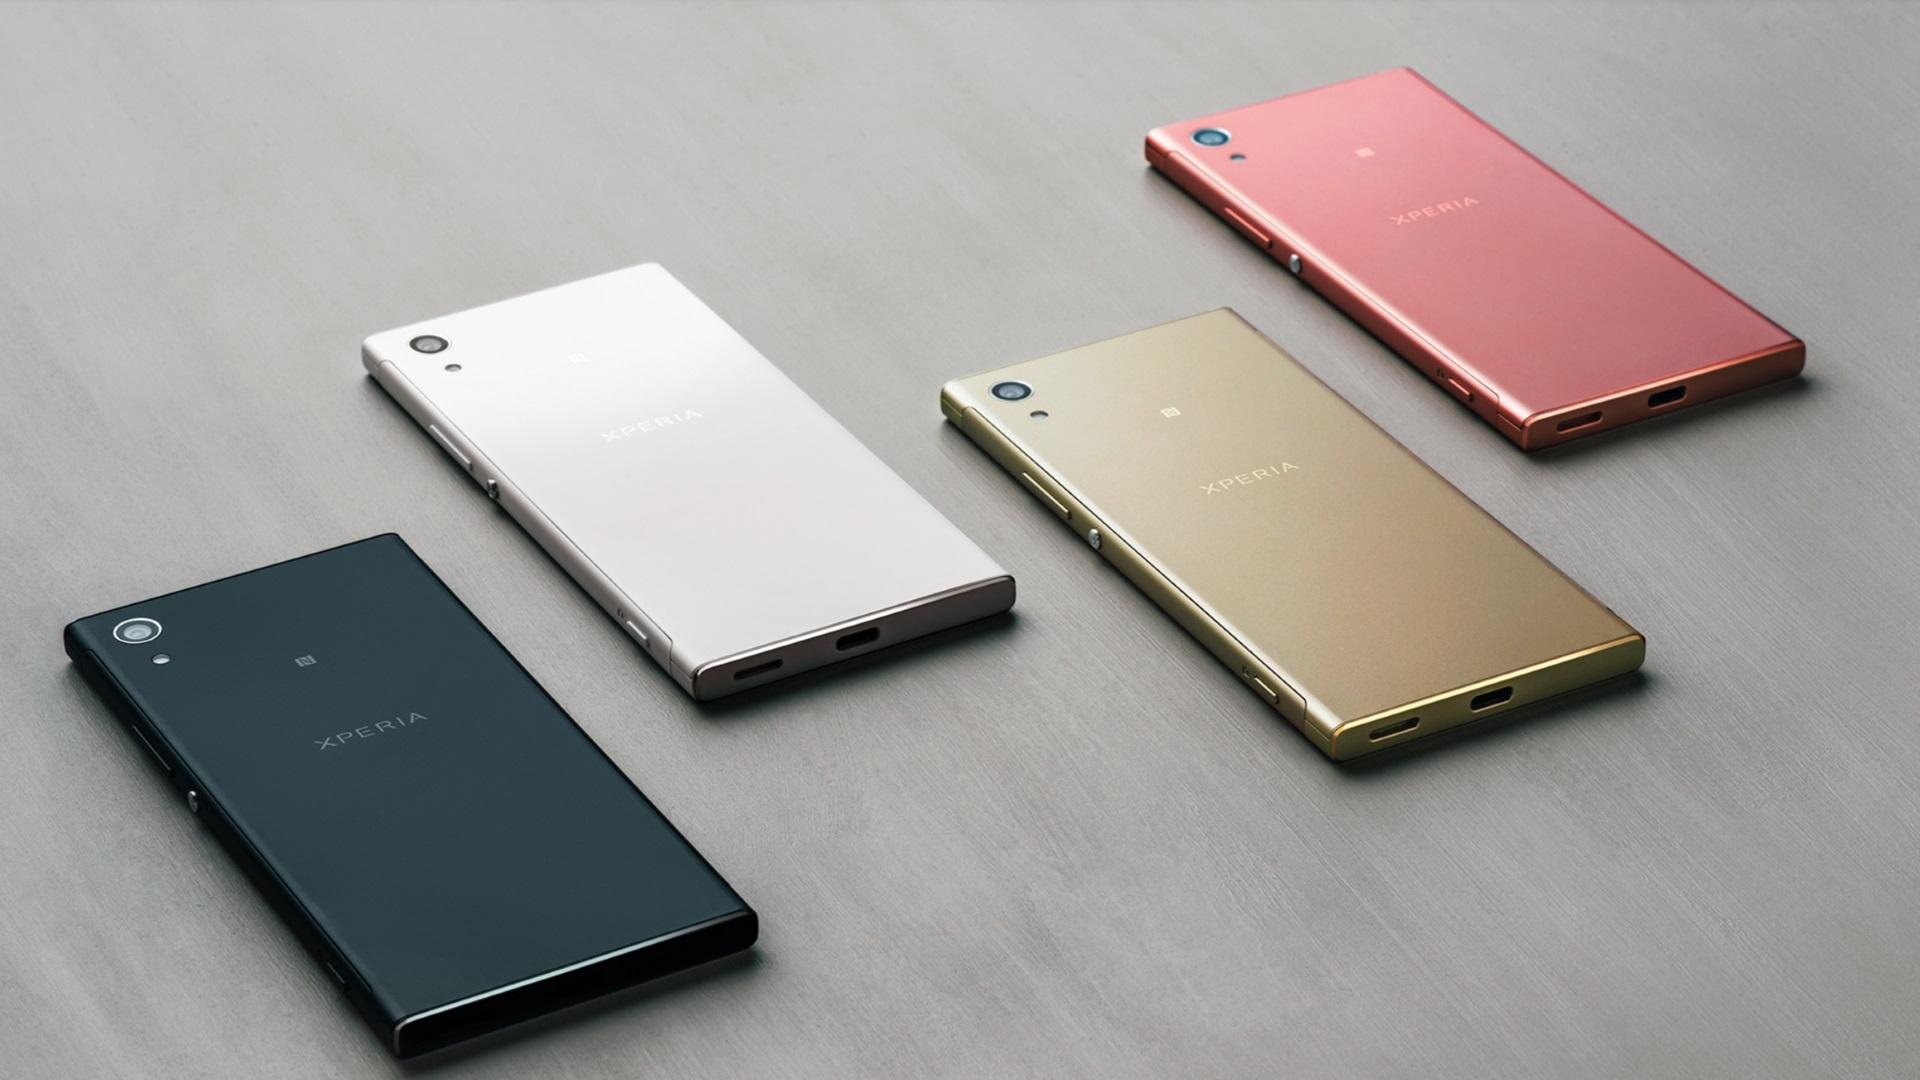 香港1ShopMobileが「Xperia XA1(G3116 / デュアル SIM)」の販売を開始